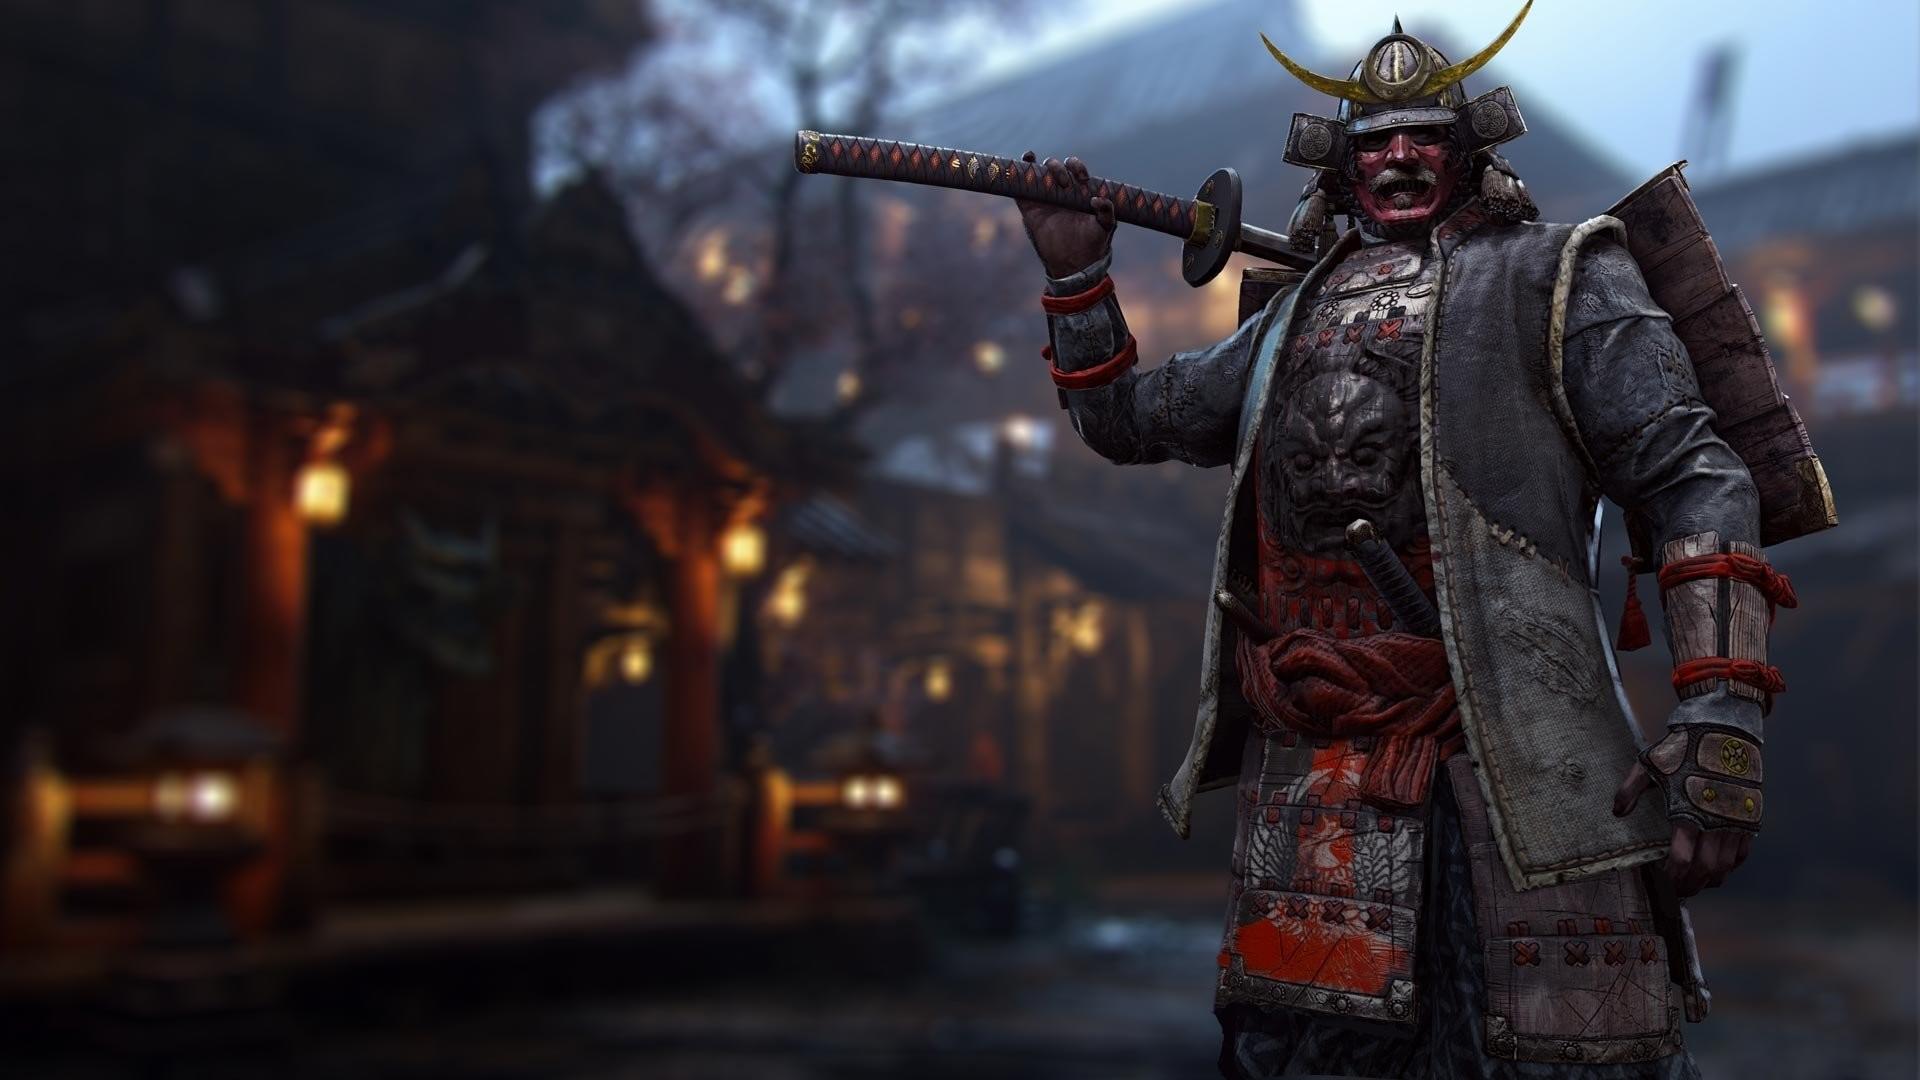 Video Game – For Honor Samurai Warrior Katana Armor Helmet Wallpaper